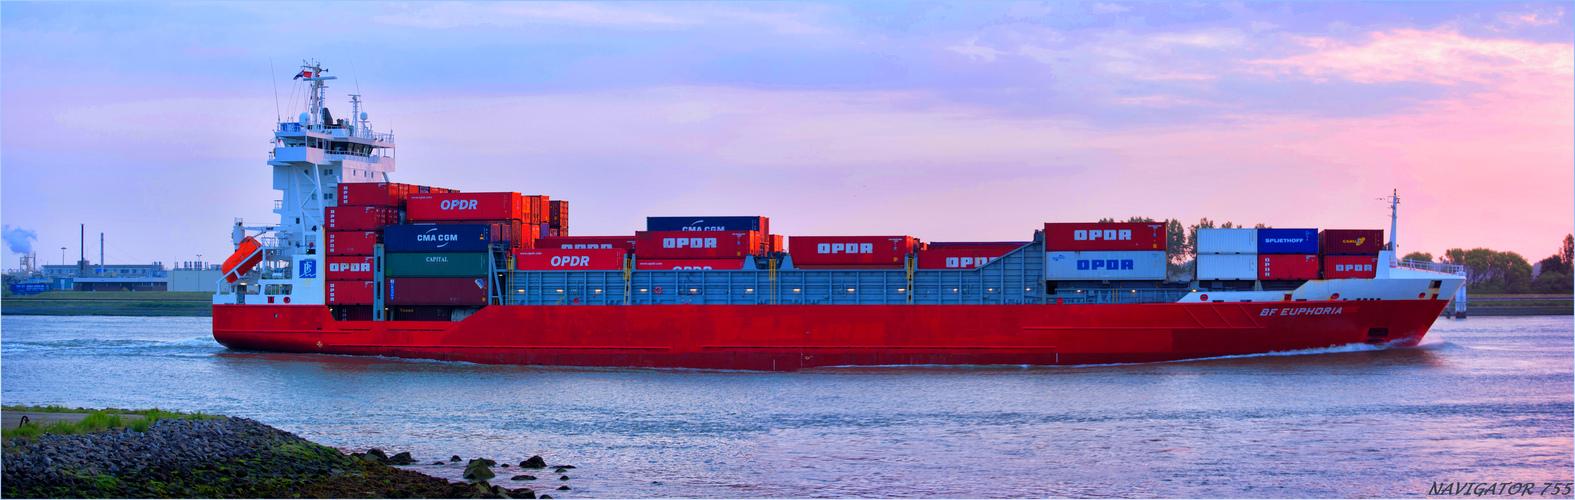 BF EUPHORIA / Cntainer Ship / Nieuwe Waterweg / Rotterdam